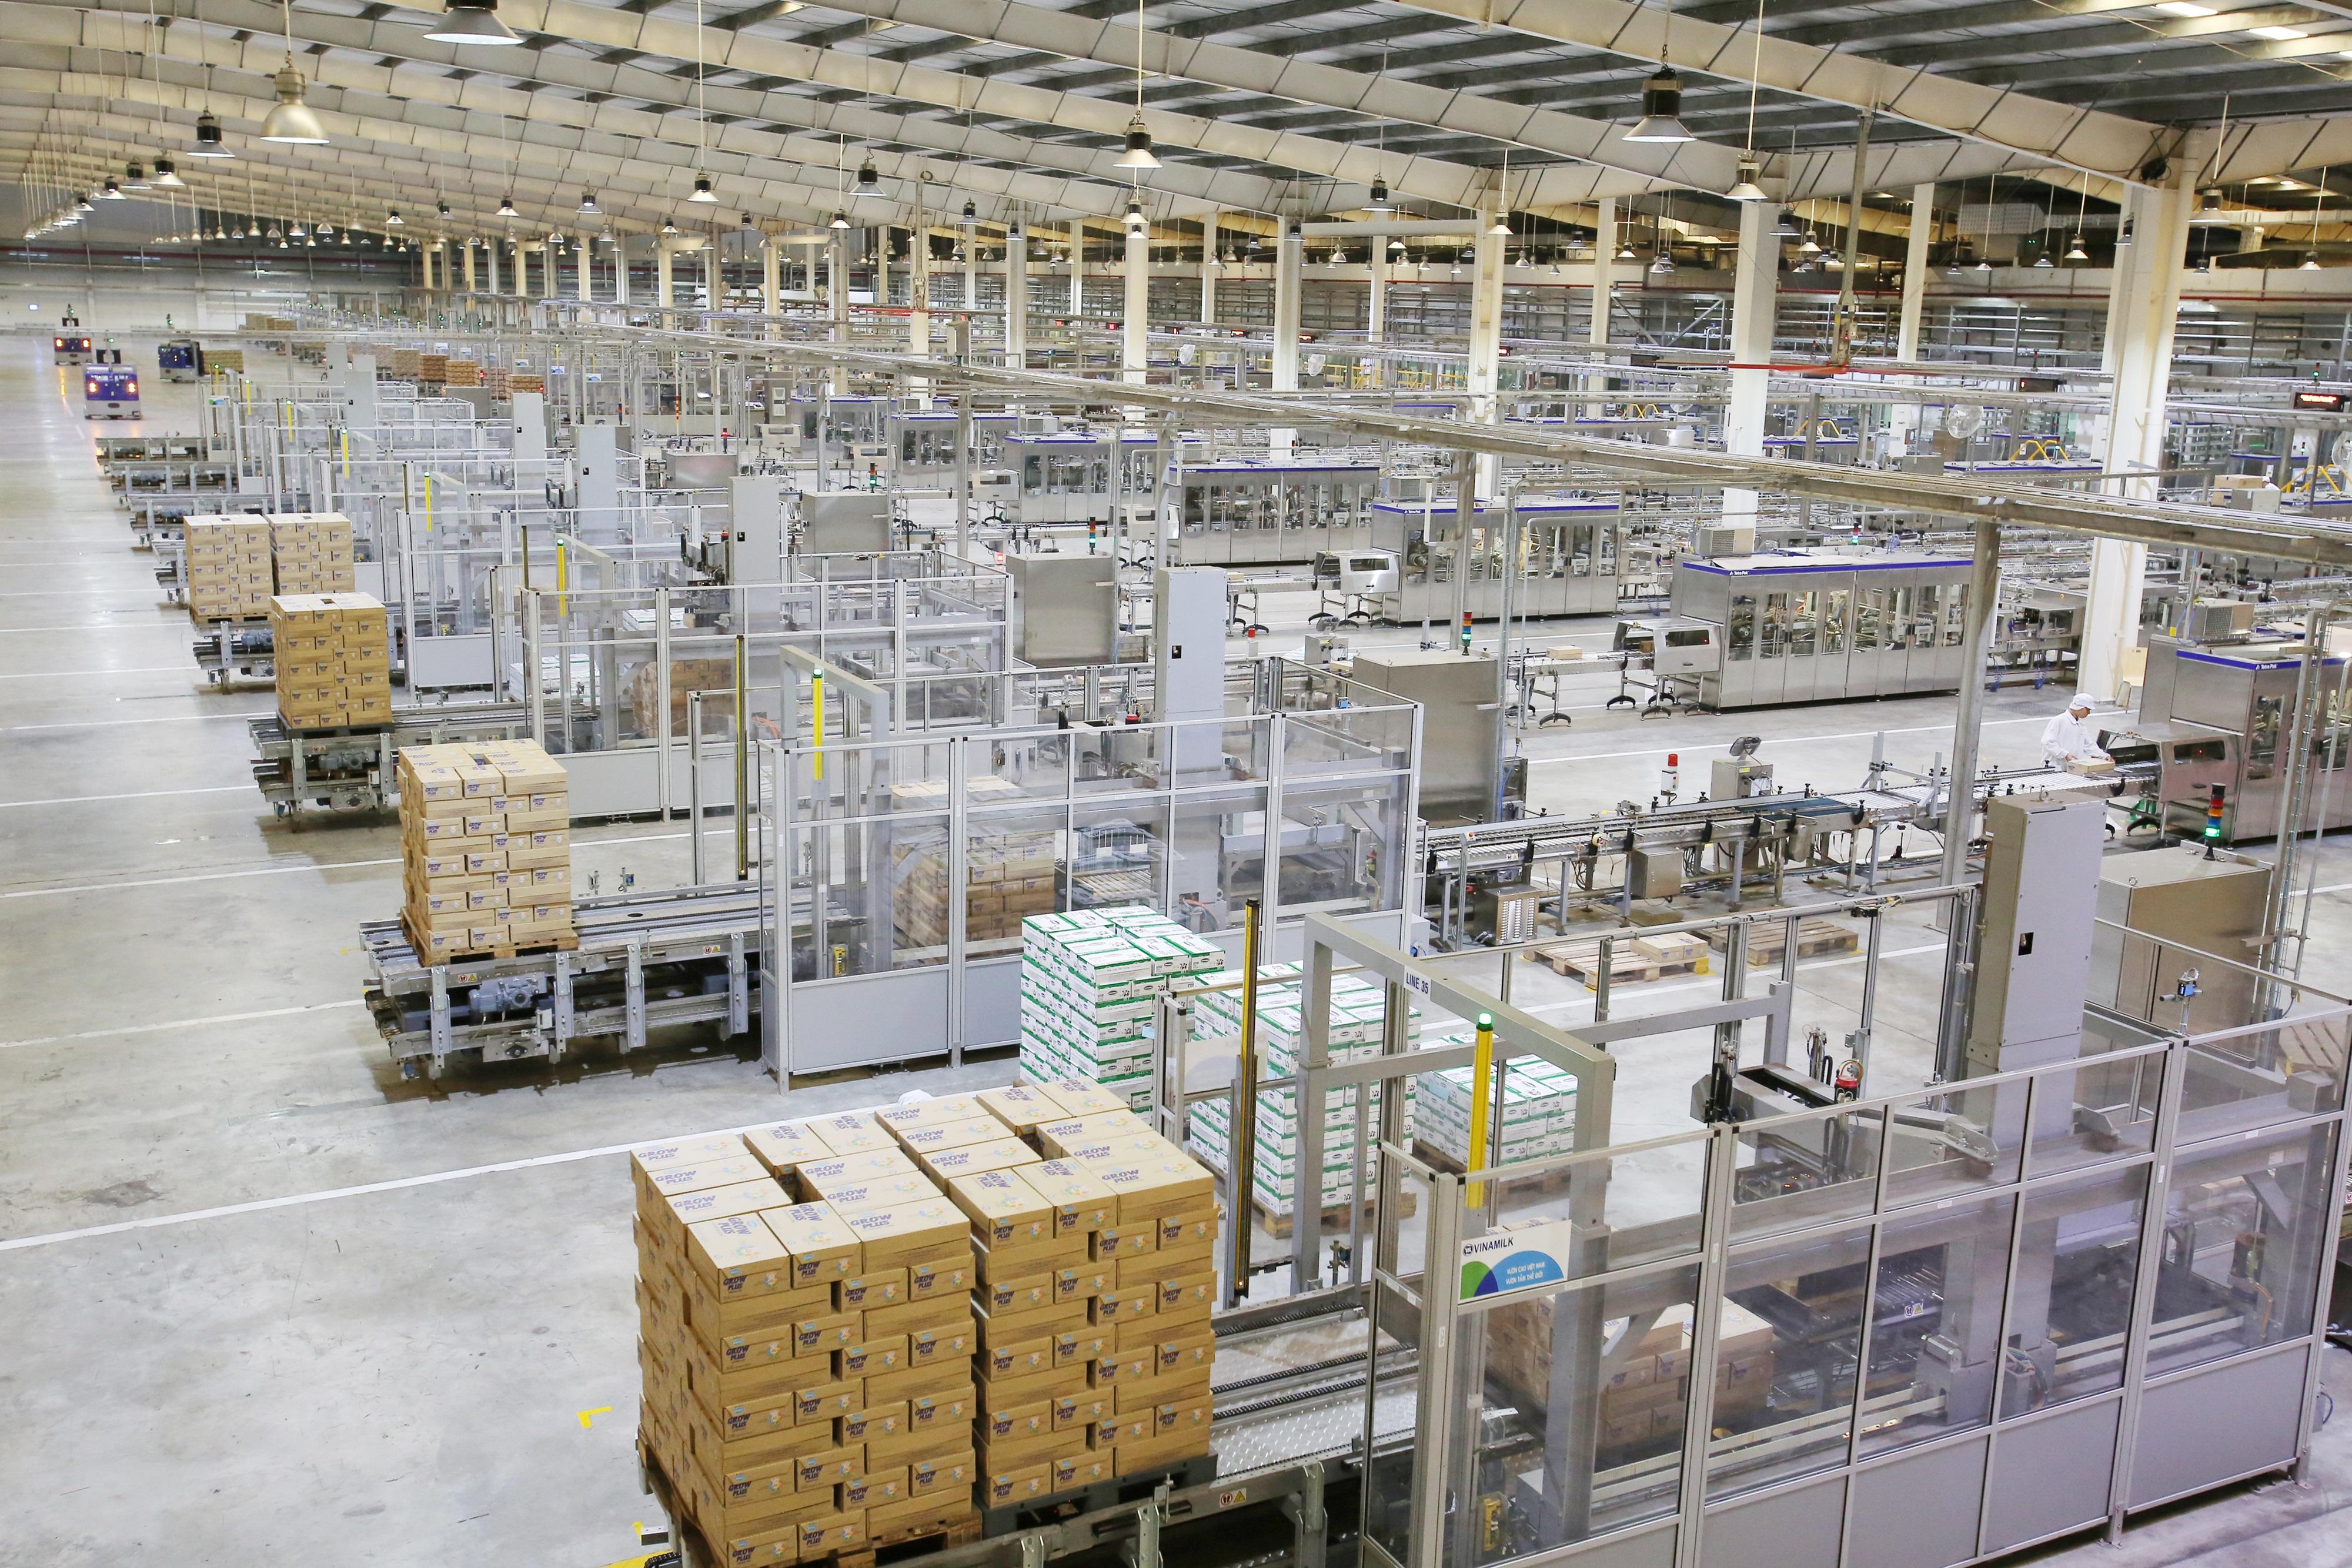 Dây chuyền sản xuất hiện đại, khép kín tại các nhà máy của Vinamilk